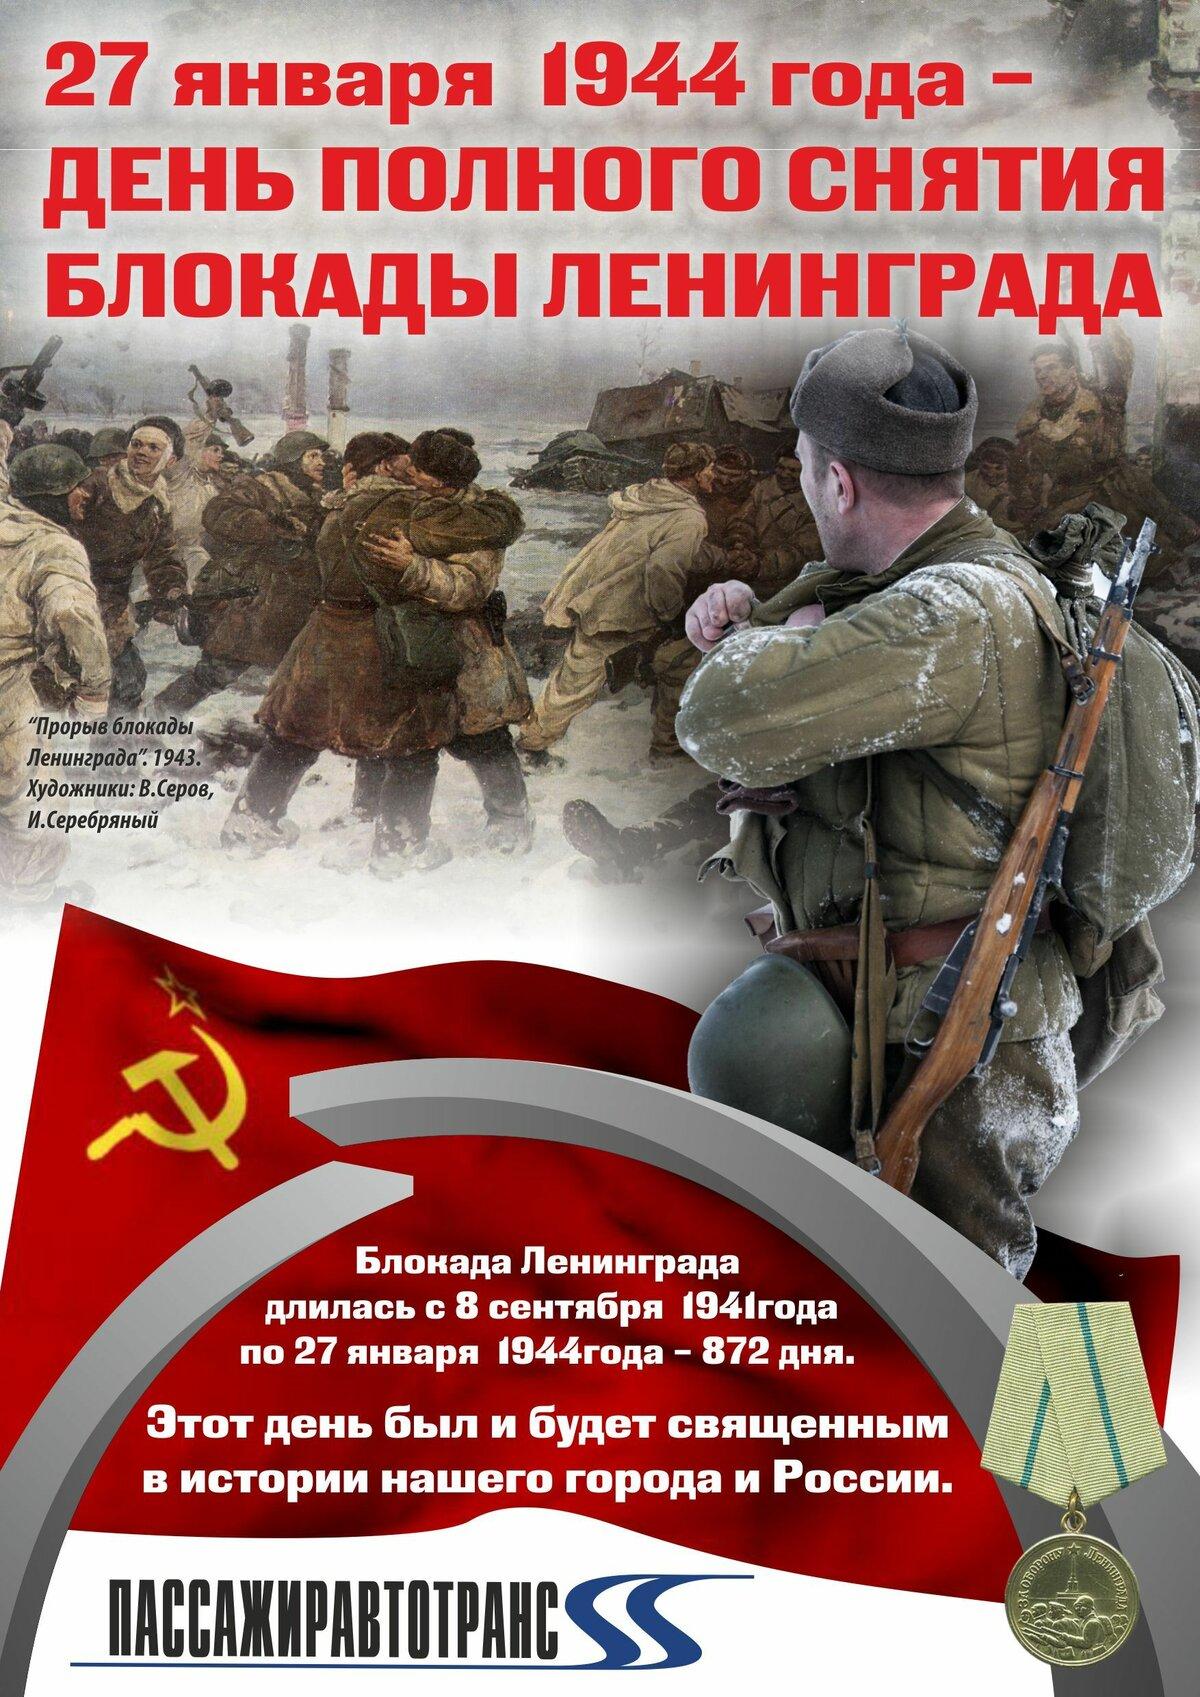 Днем рождения, блокада ленинграда в открытках